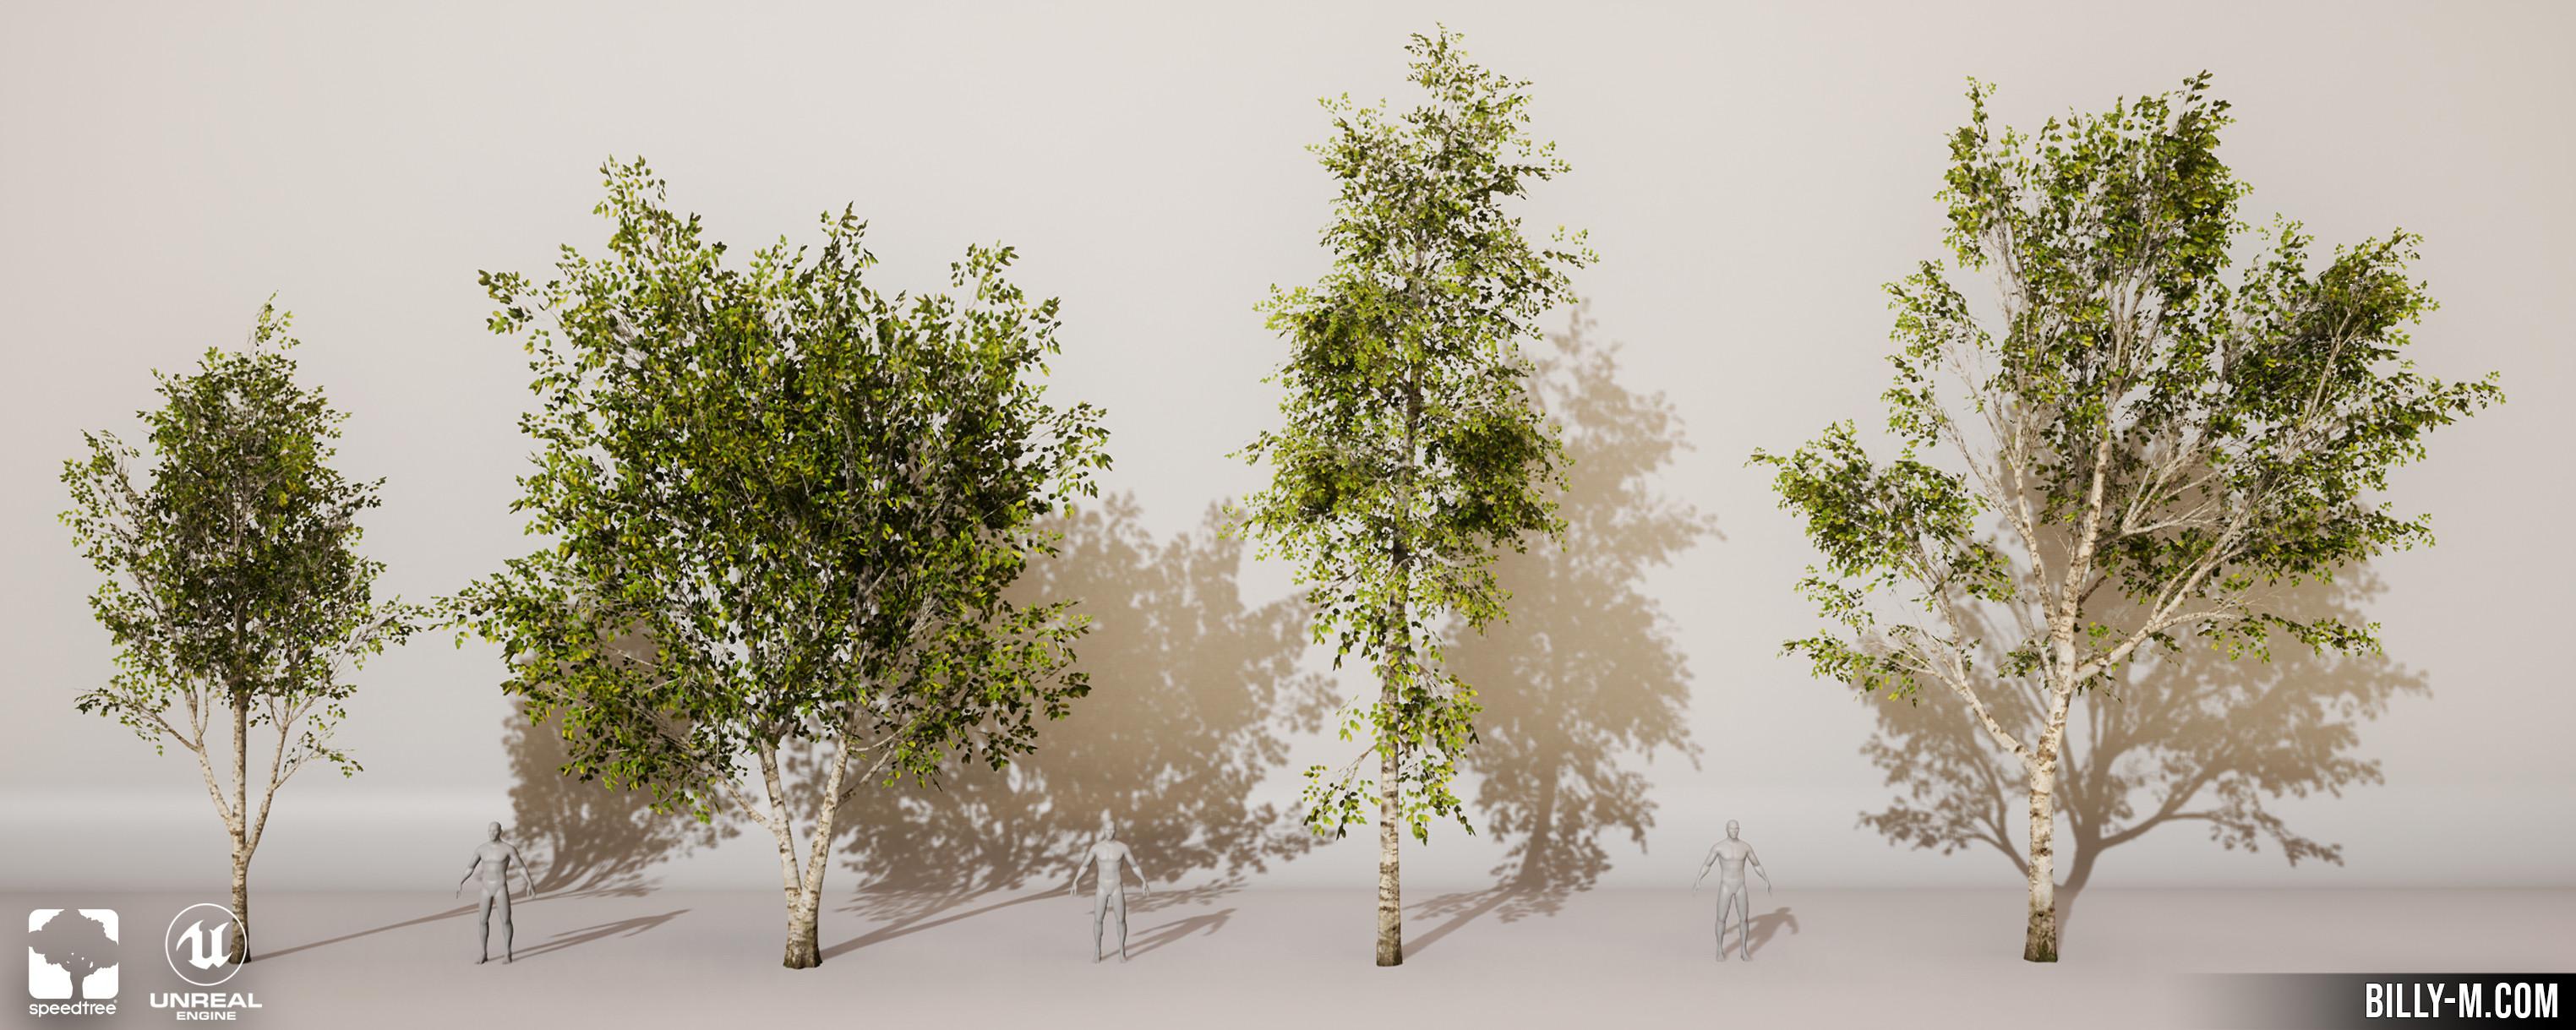 Tree Variations